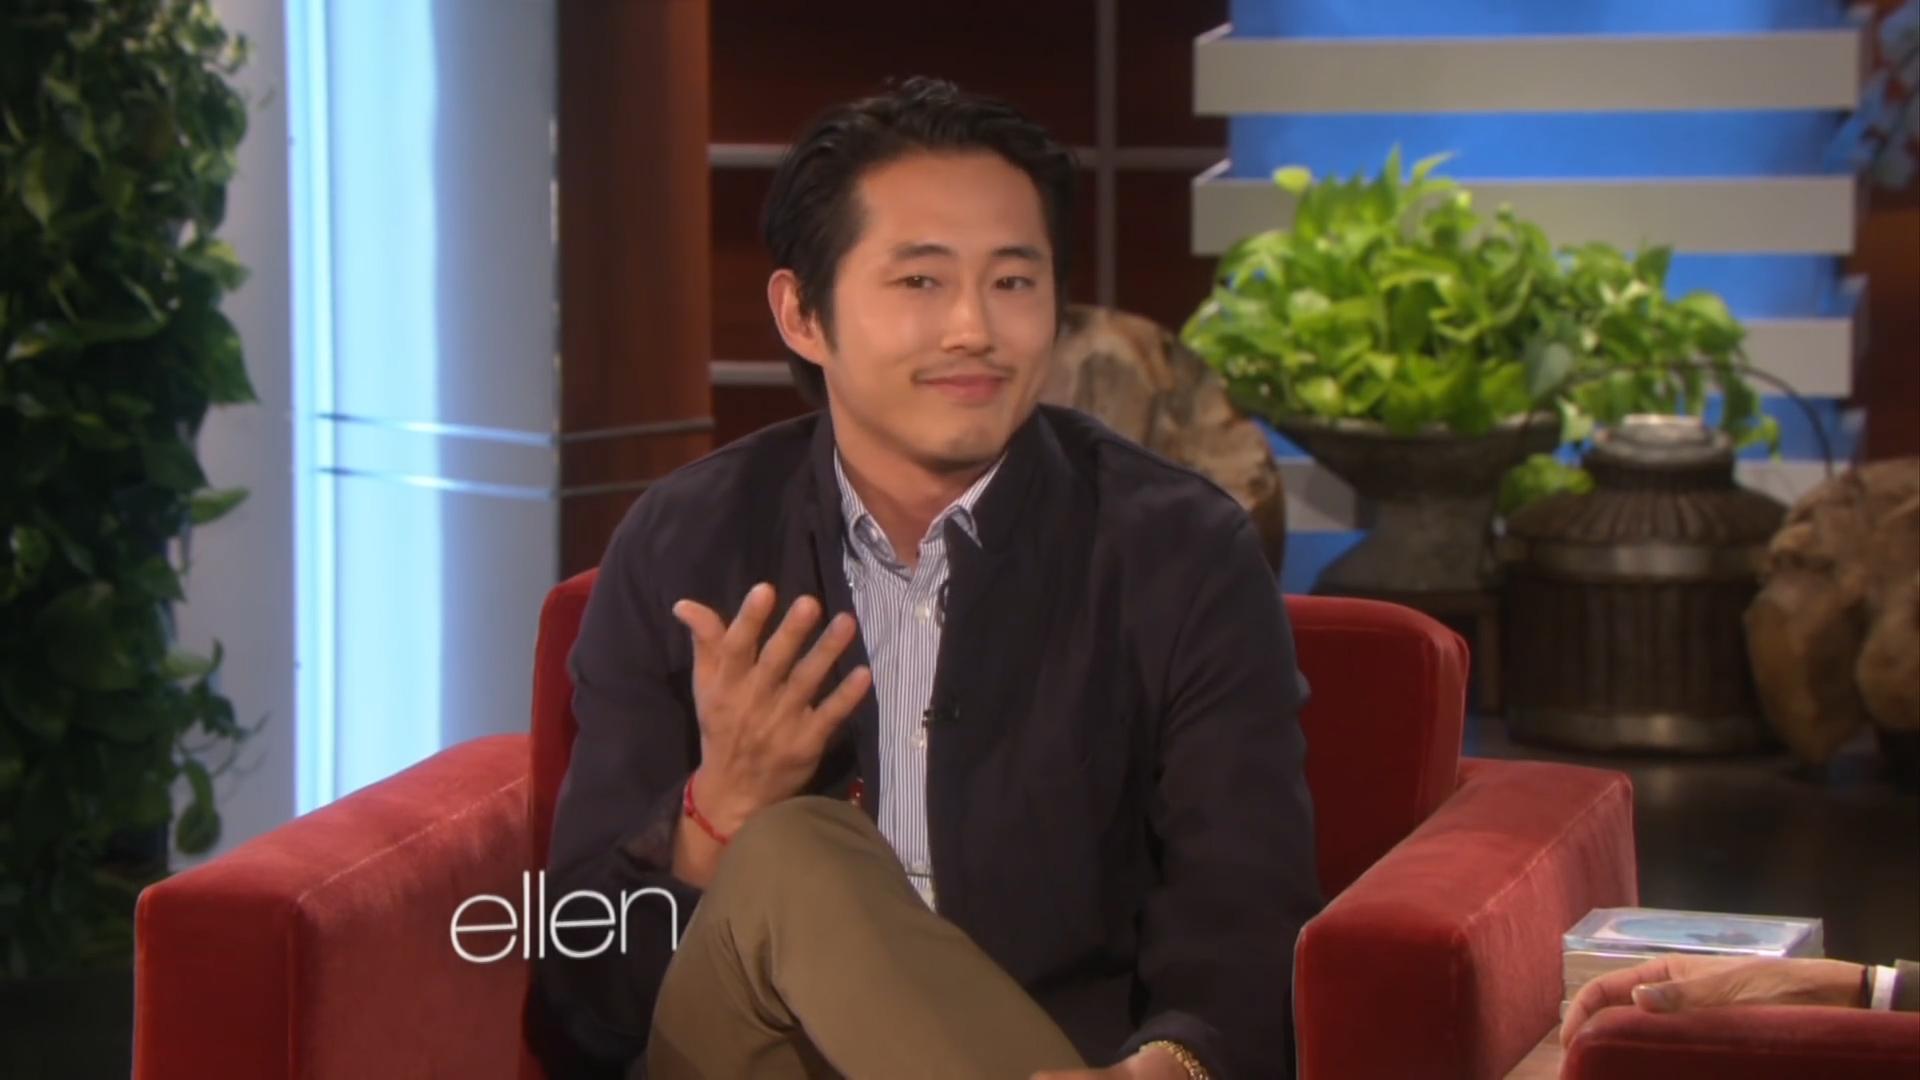 Ellen show - Steve Yeun